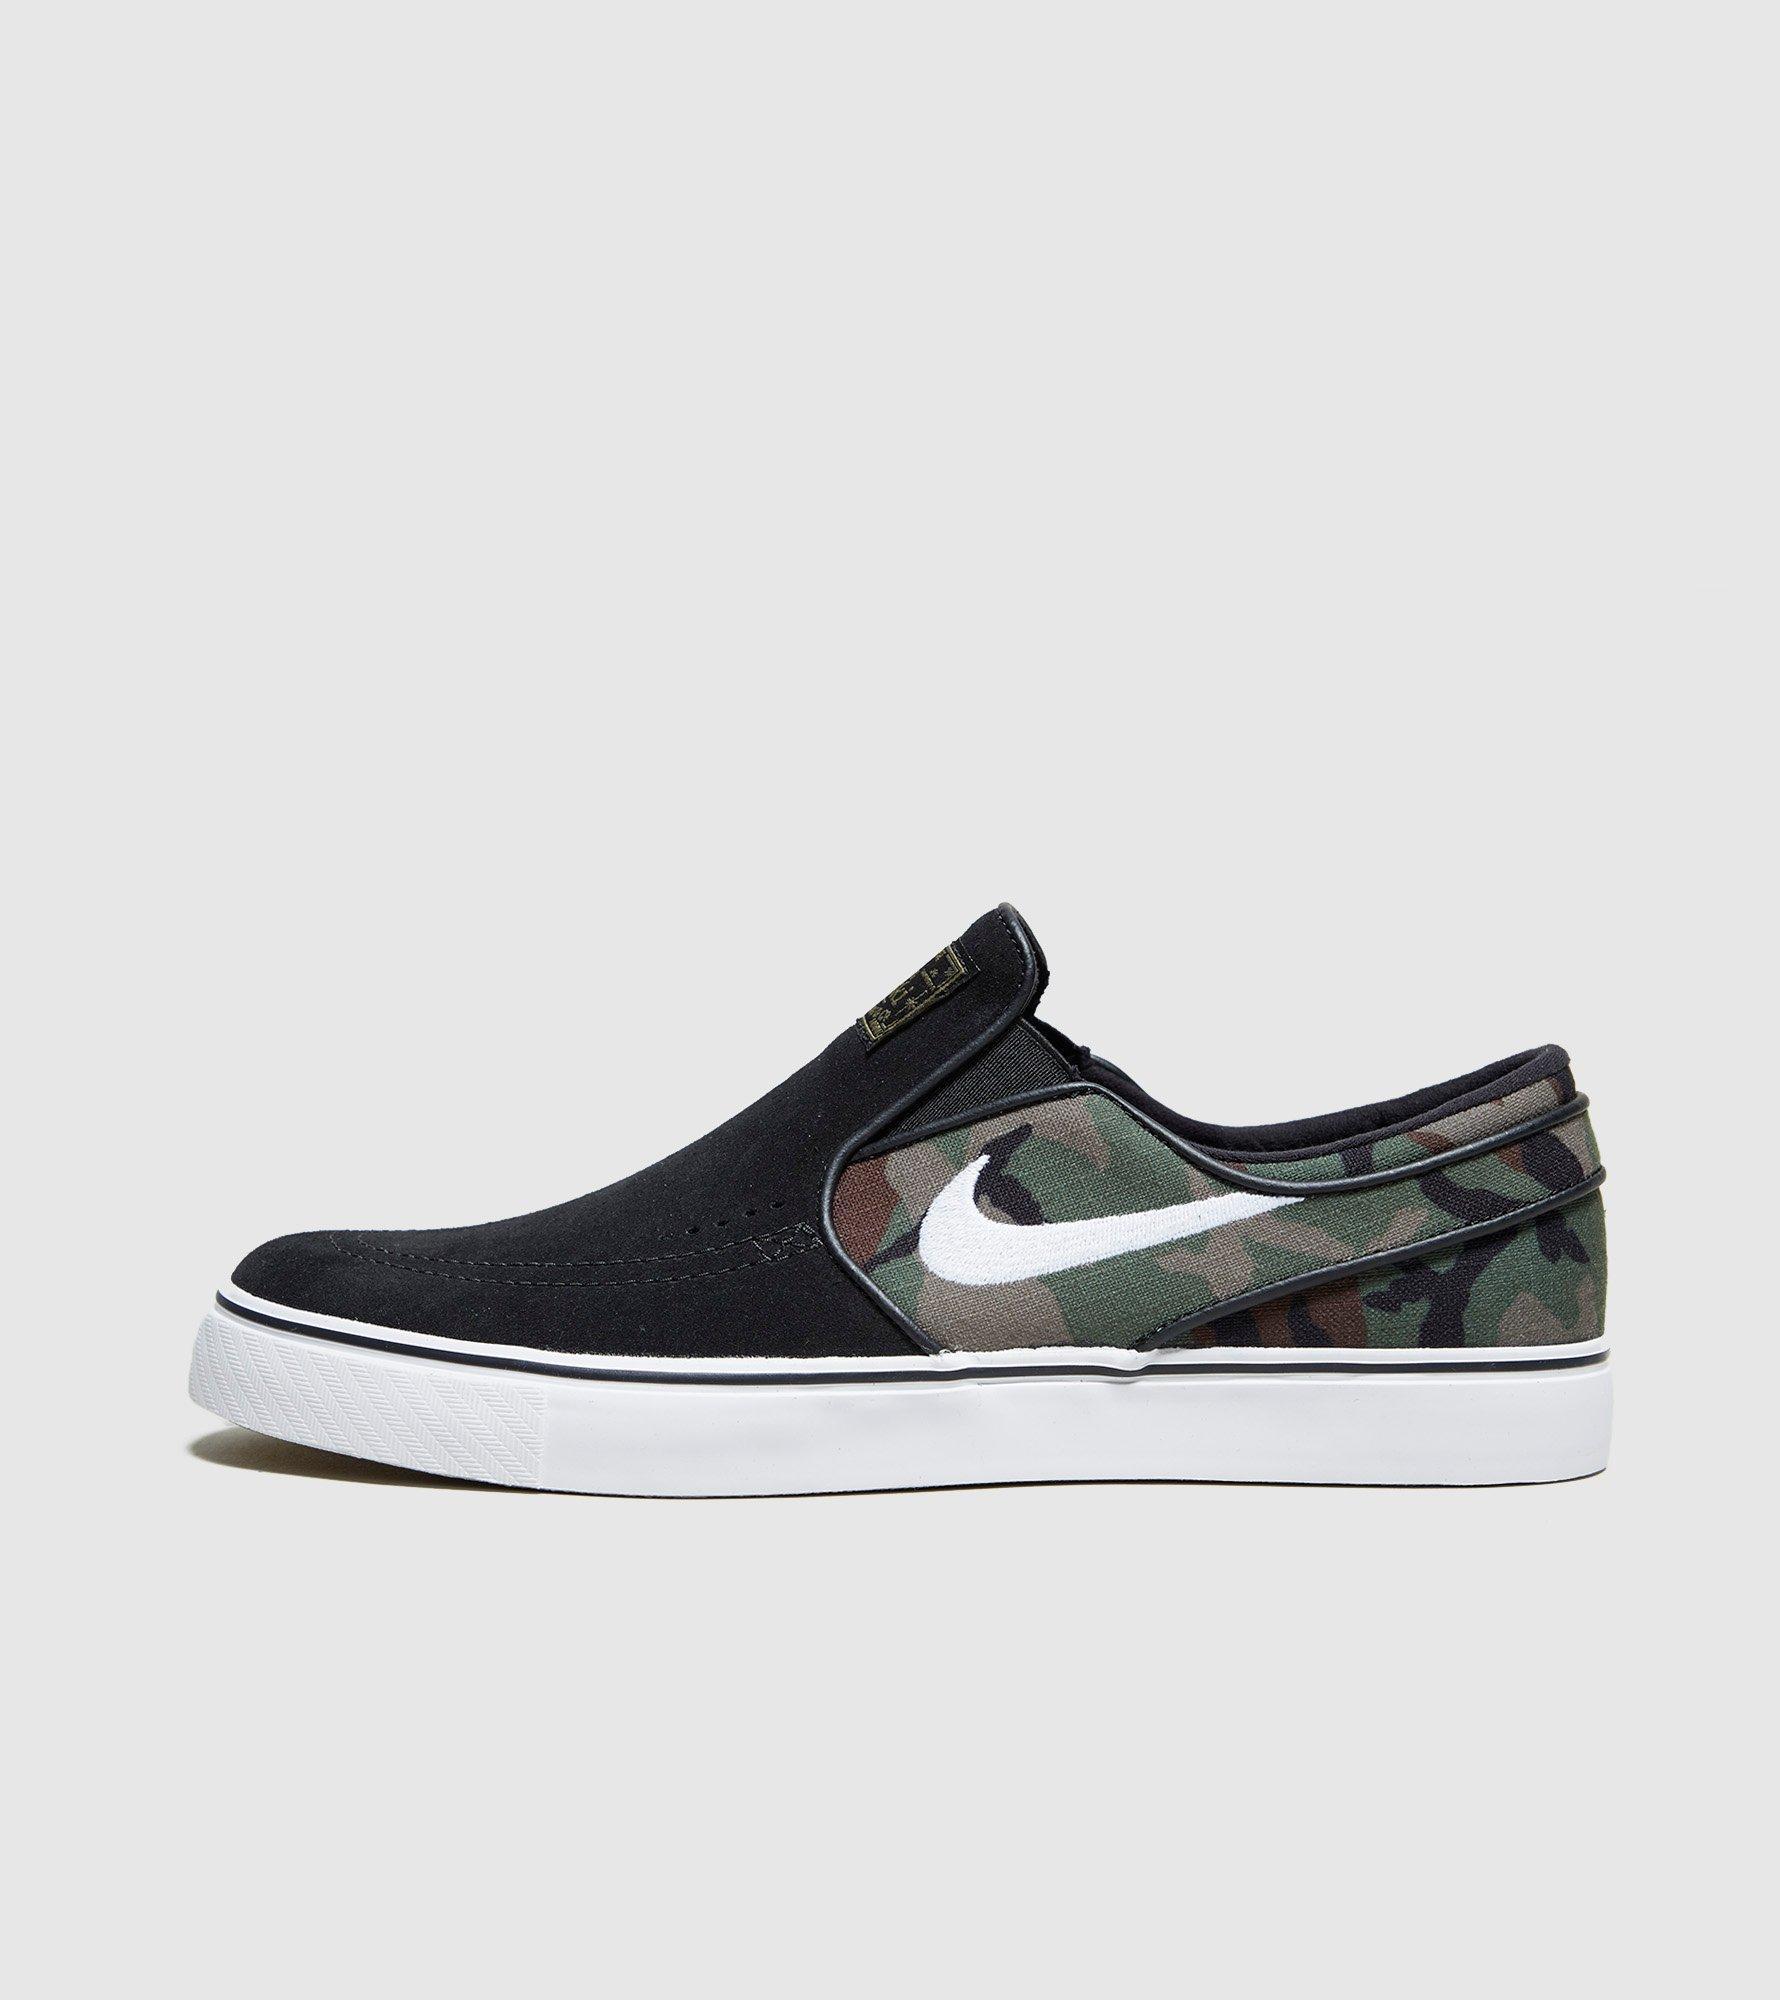 4e917d14142 Lyst - Nike Zoom Stefan Janoski Slip-on in Black for Men